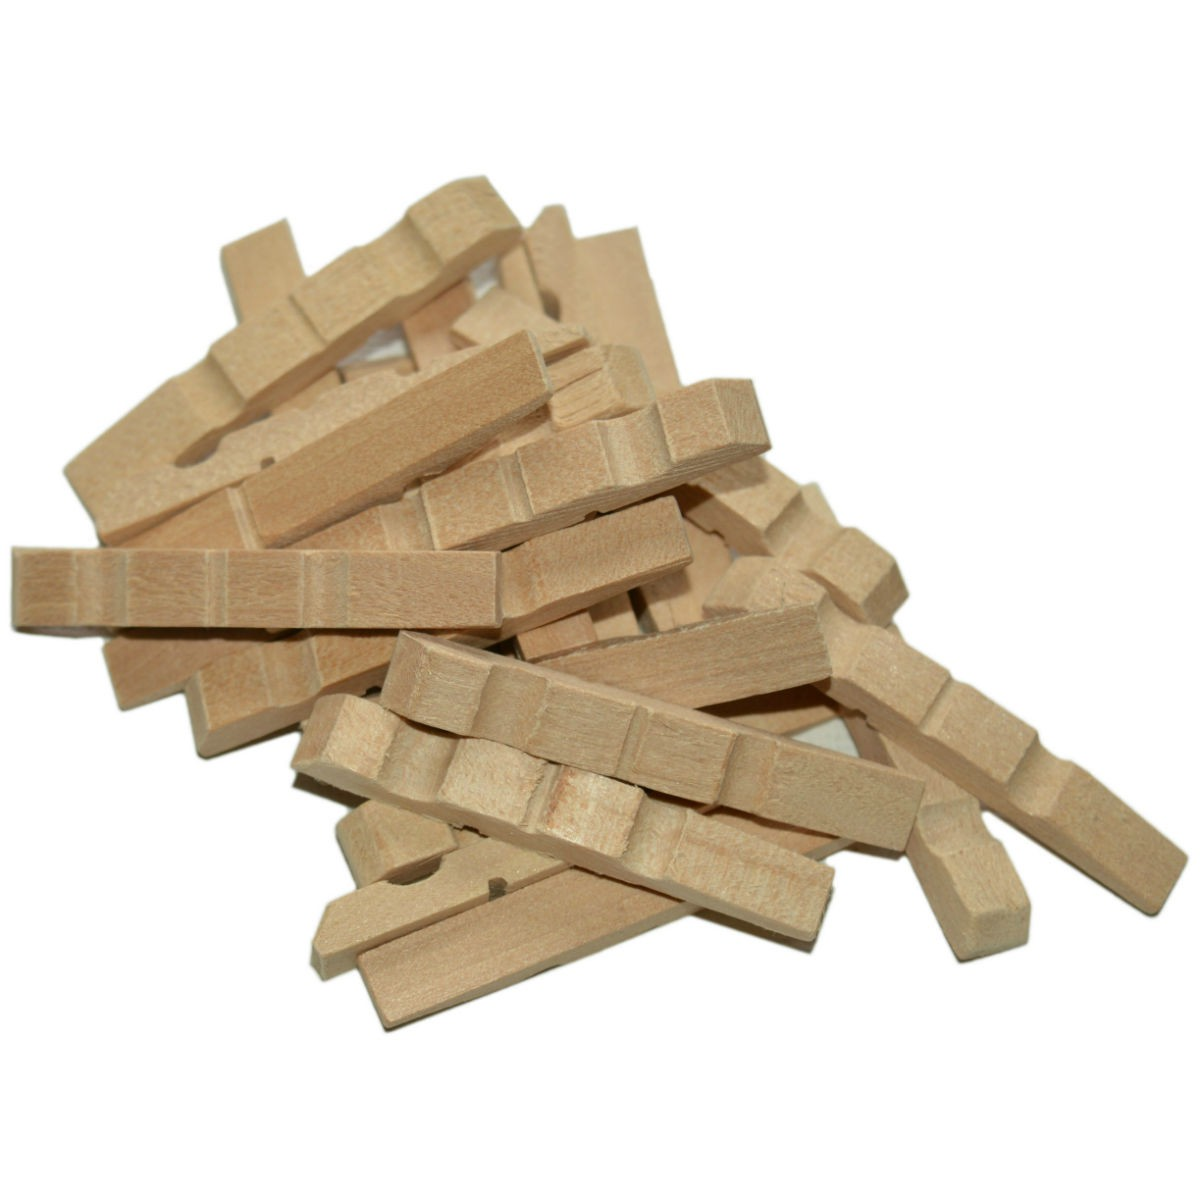 Halbe Wäscheklammern Holz 45mm 500 Stk - Wäscheklammern Hälften zum Basteln